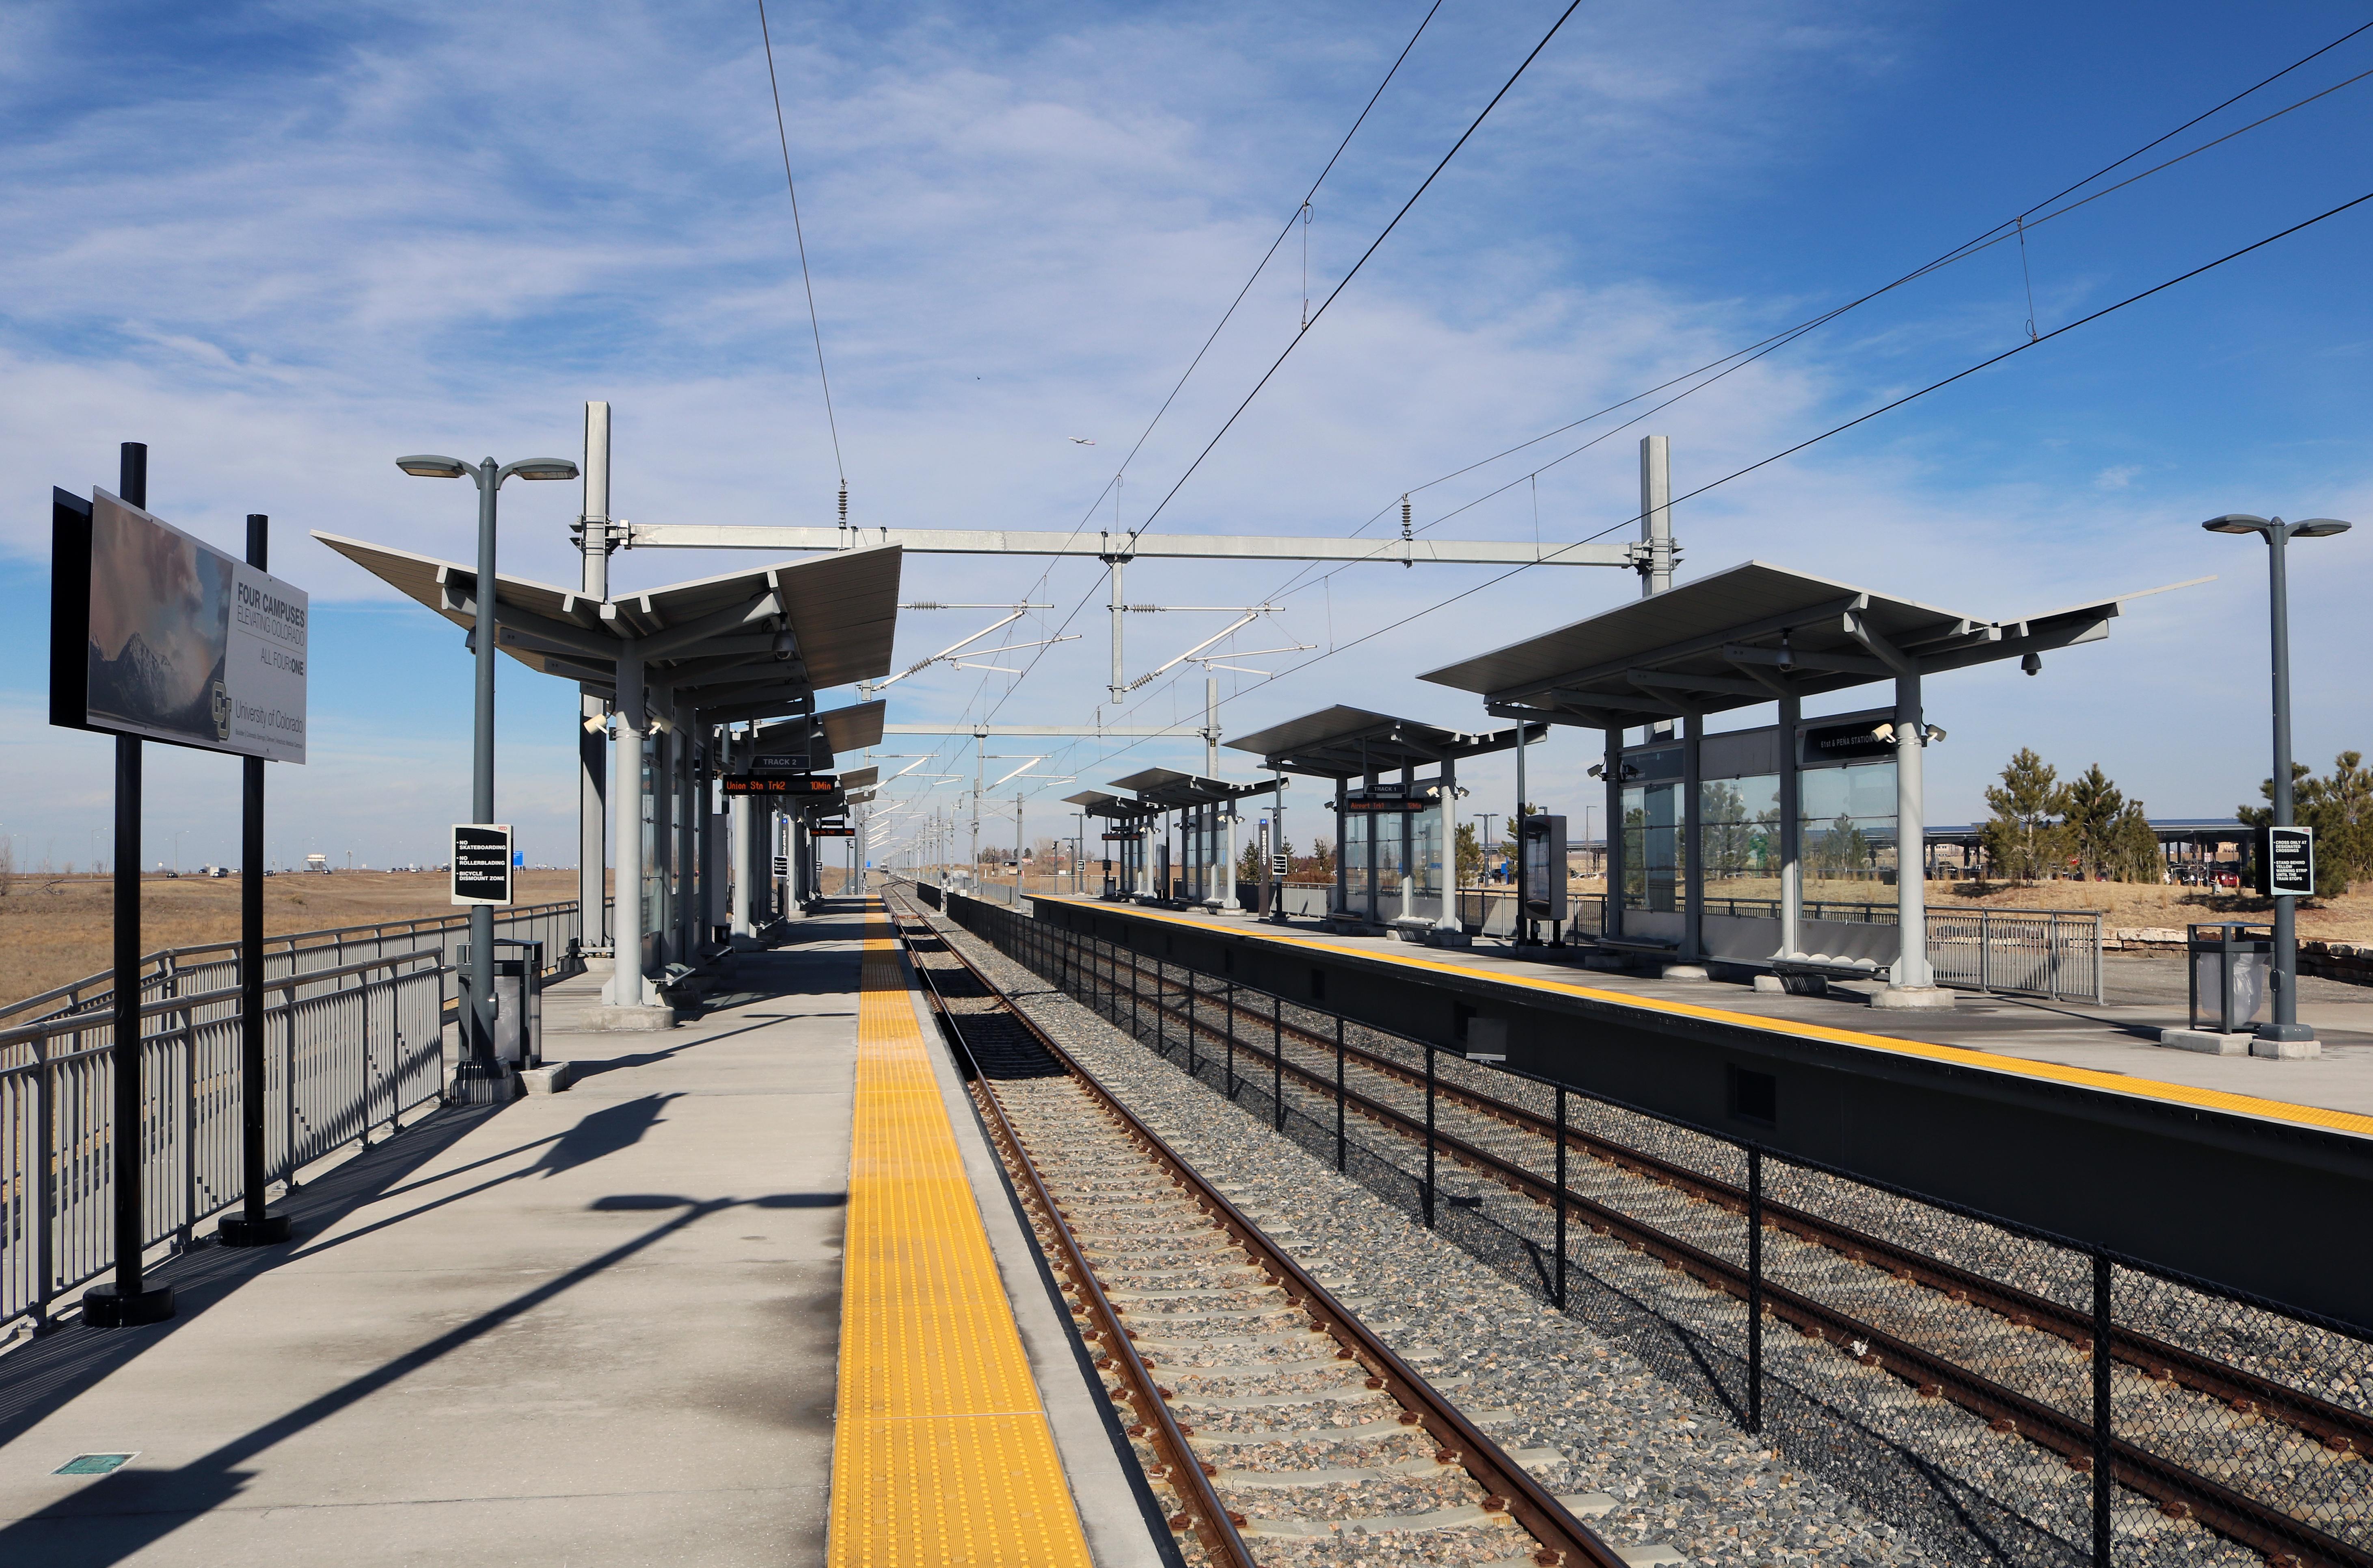 61st & Peña station - Wikipedia